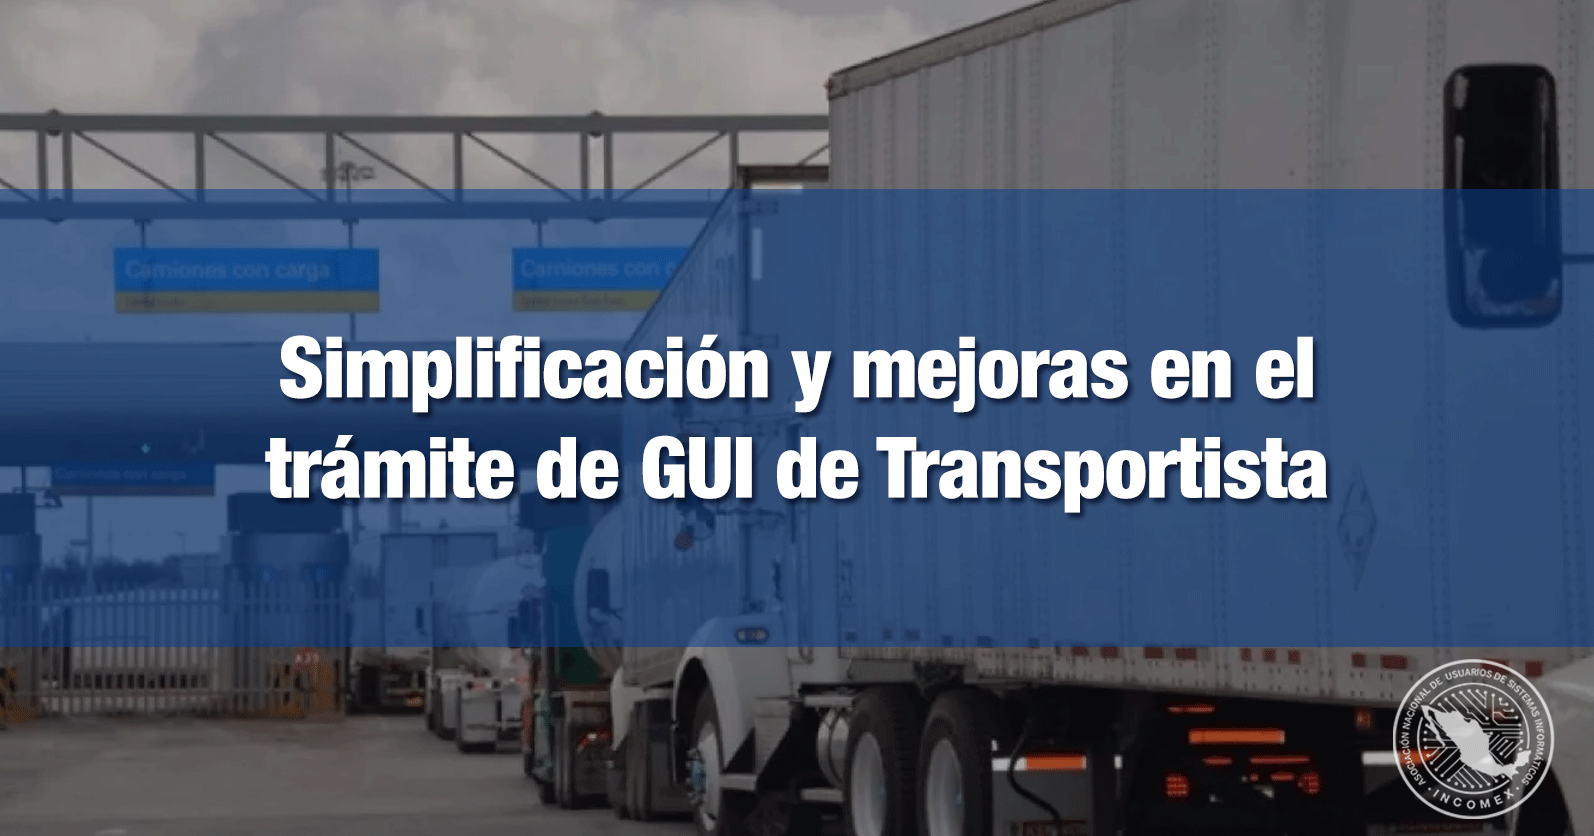 Simplificación y mejoras en el trámite de GUI de Transportista